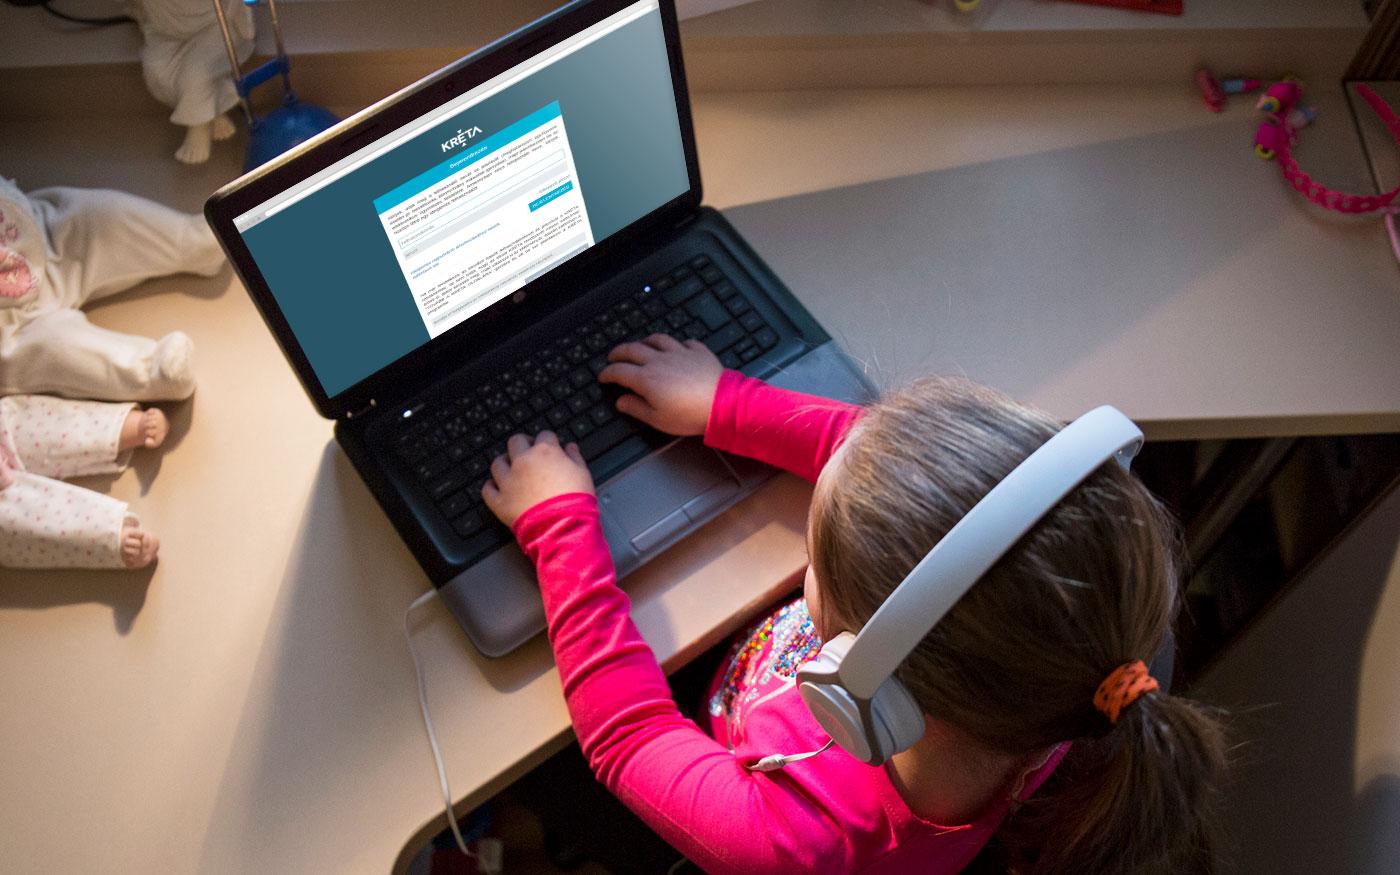 Adminisztrációs hiba okozott gondot az egyik dunaharaszti iskola online oktatásában